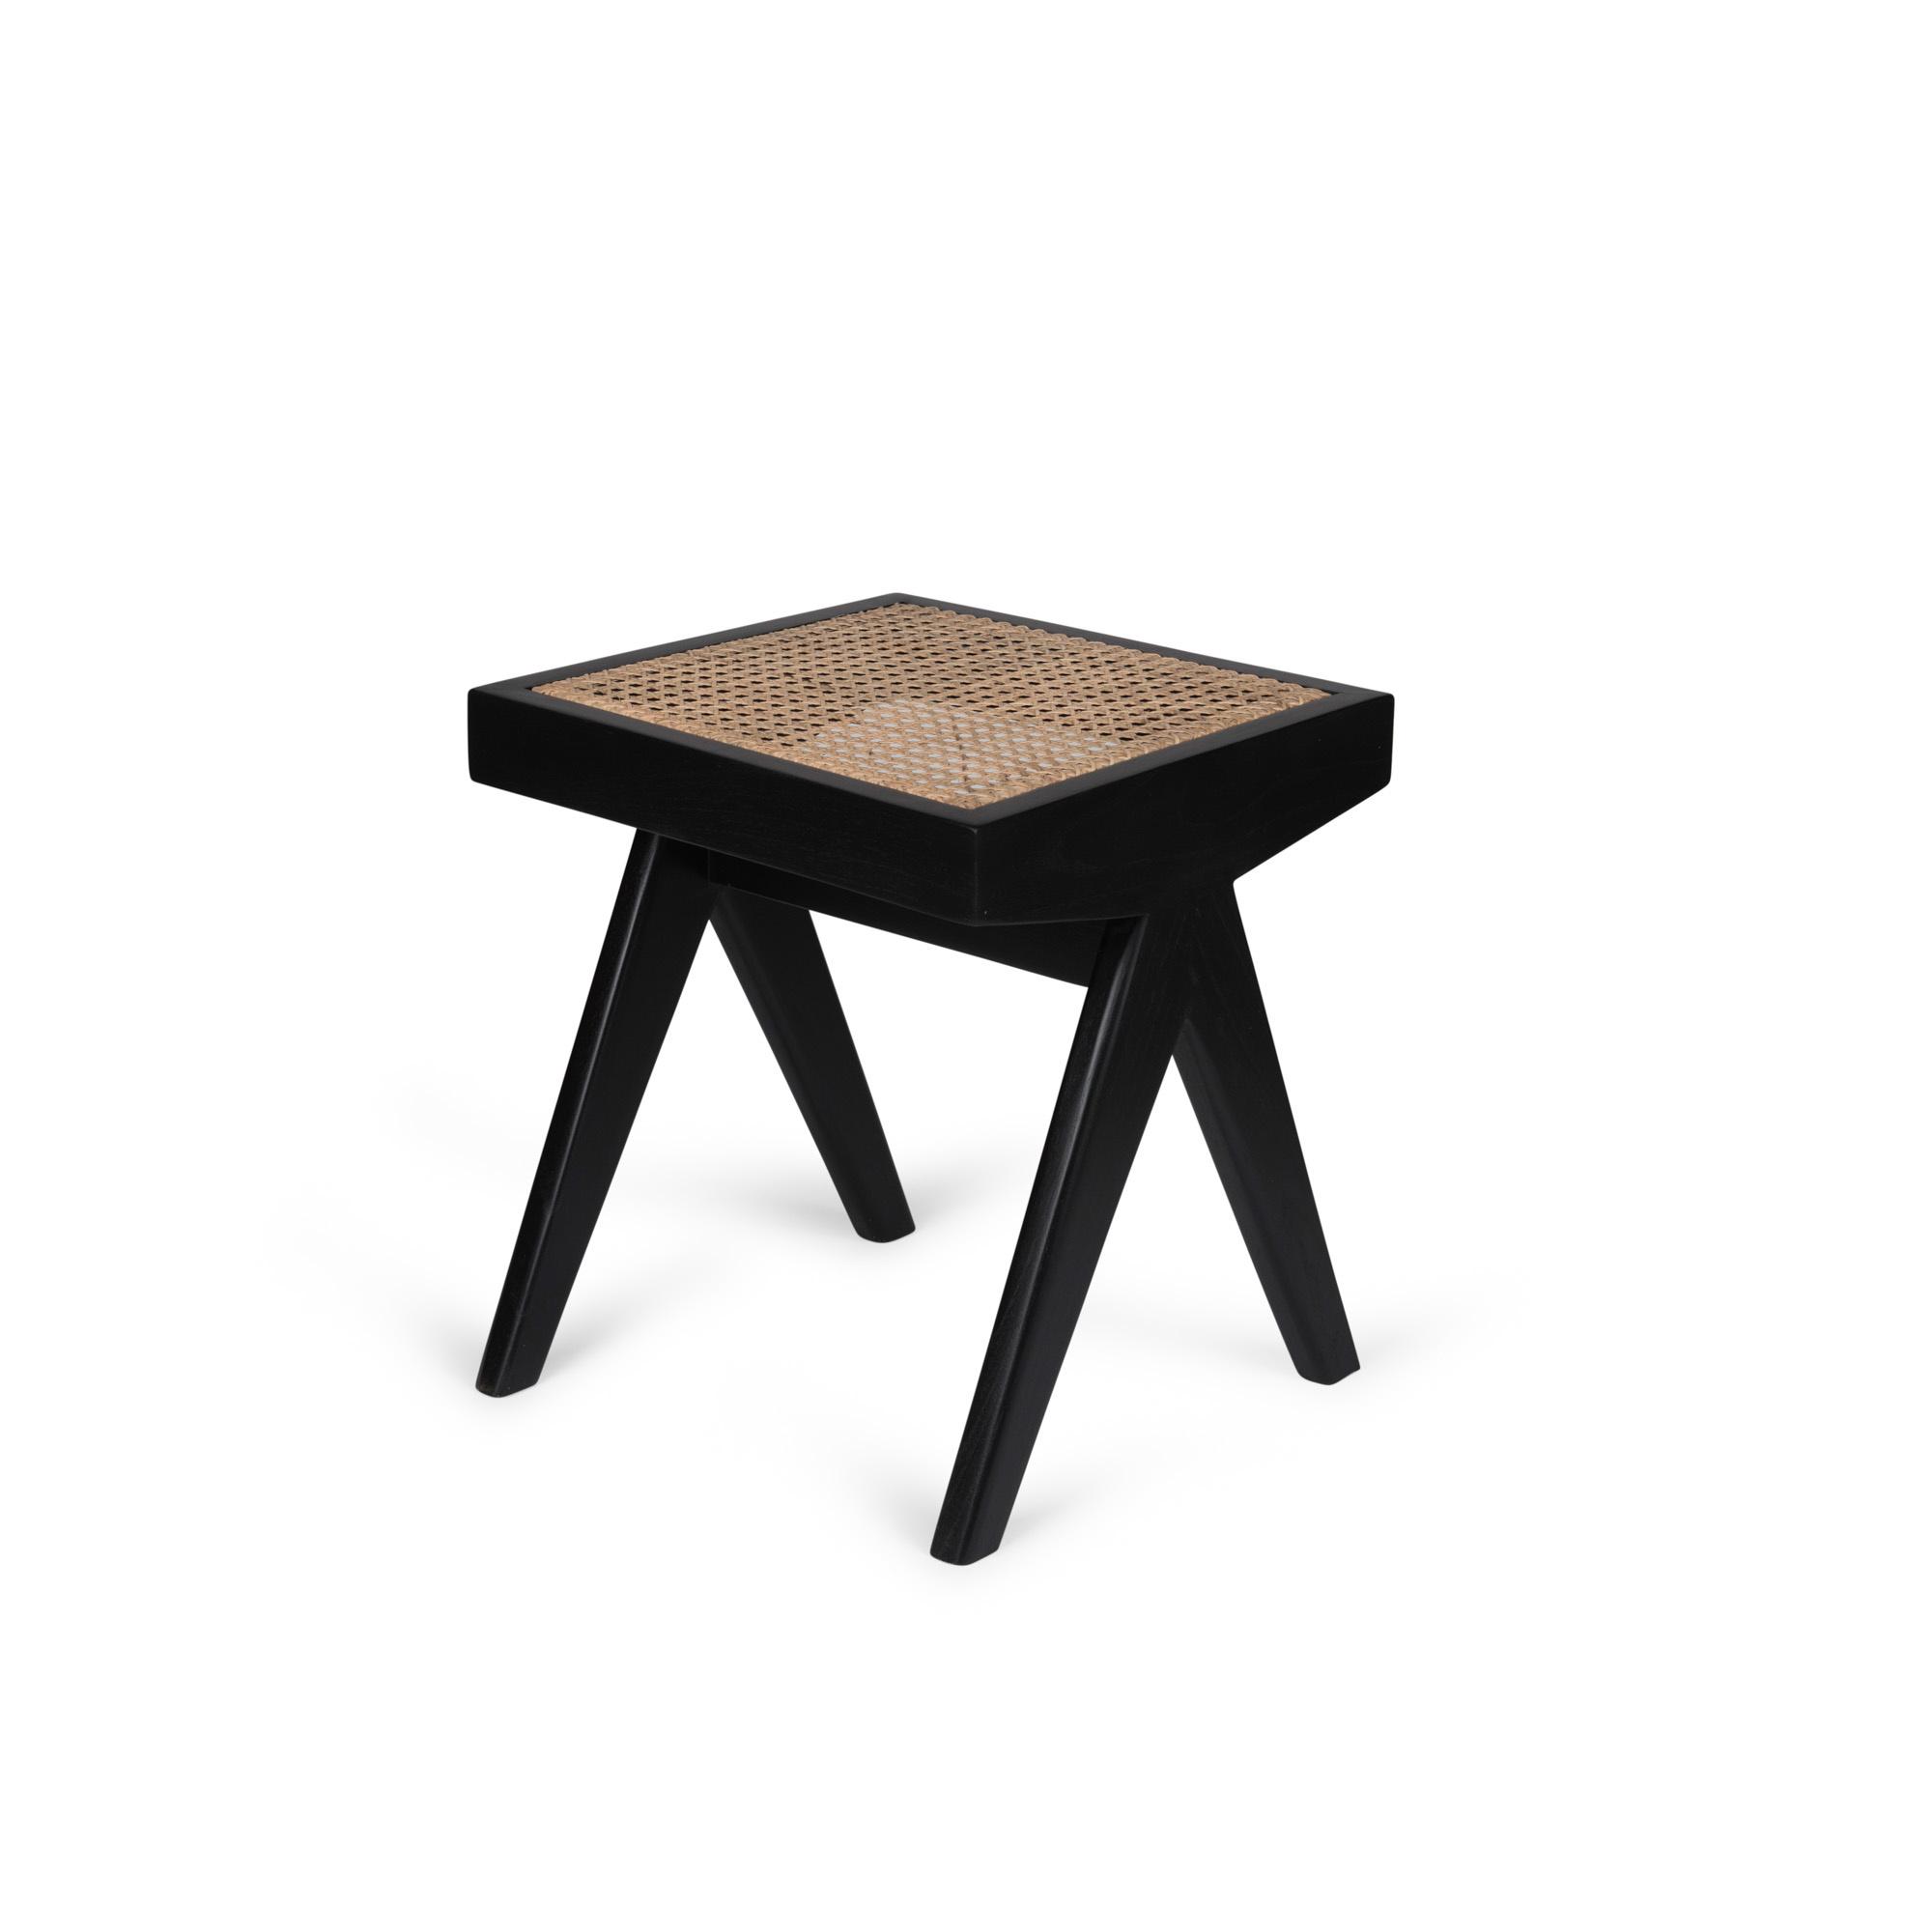 Bench / B.T.H. Flats 1 - Charcoal Black-1